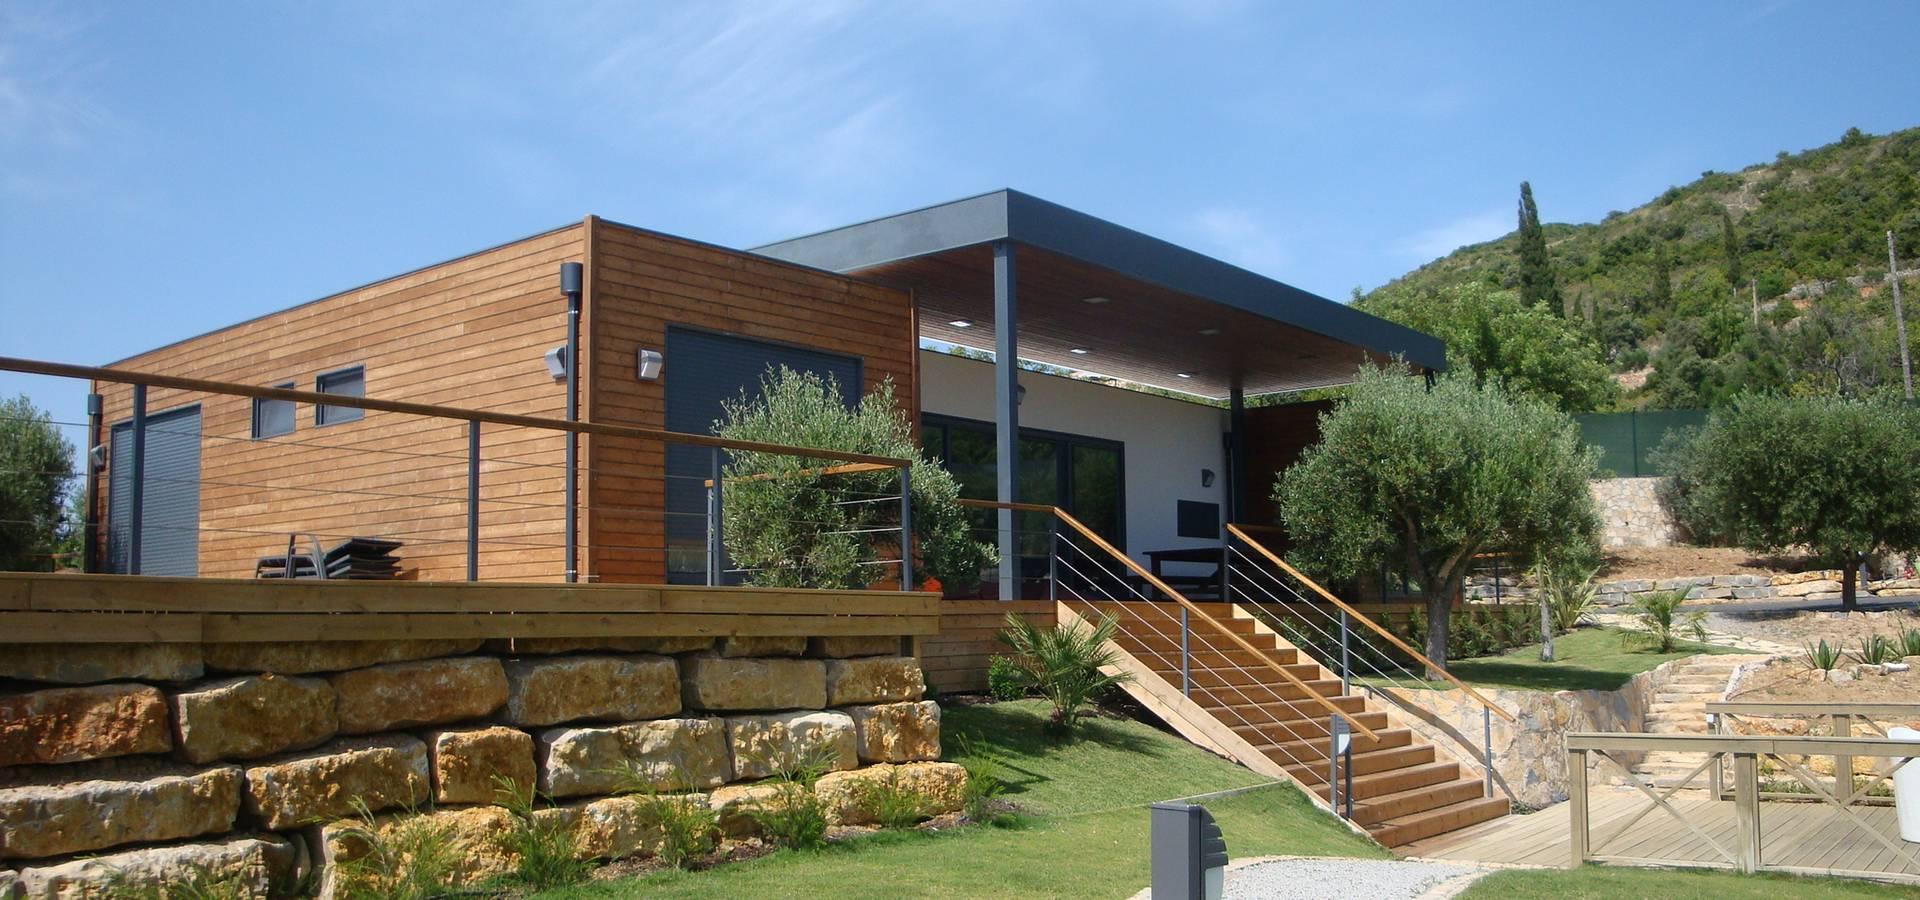 Casas modulares amoviveis por kitur homify for Casas prefabricadas modernas